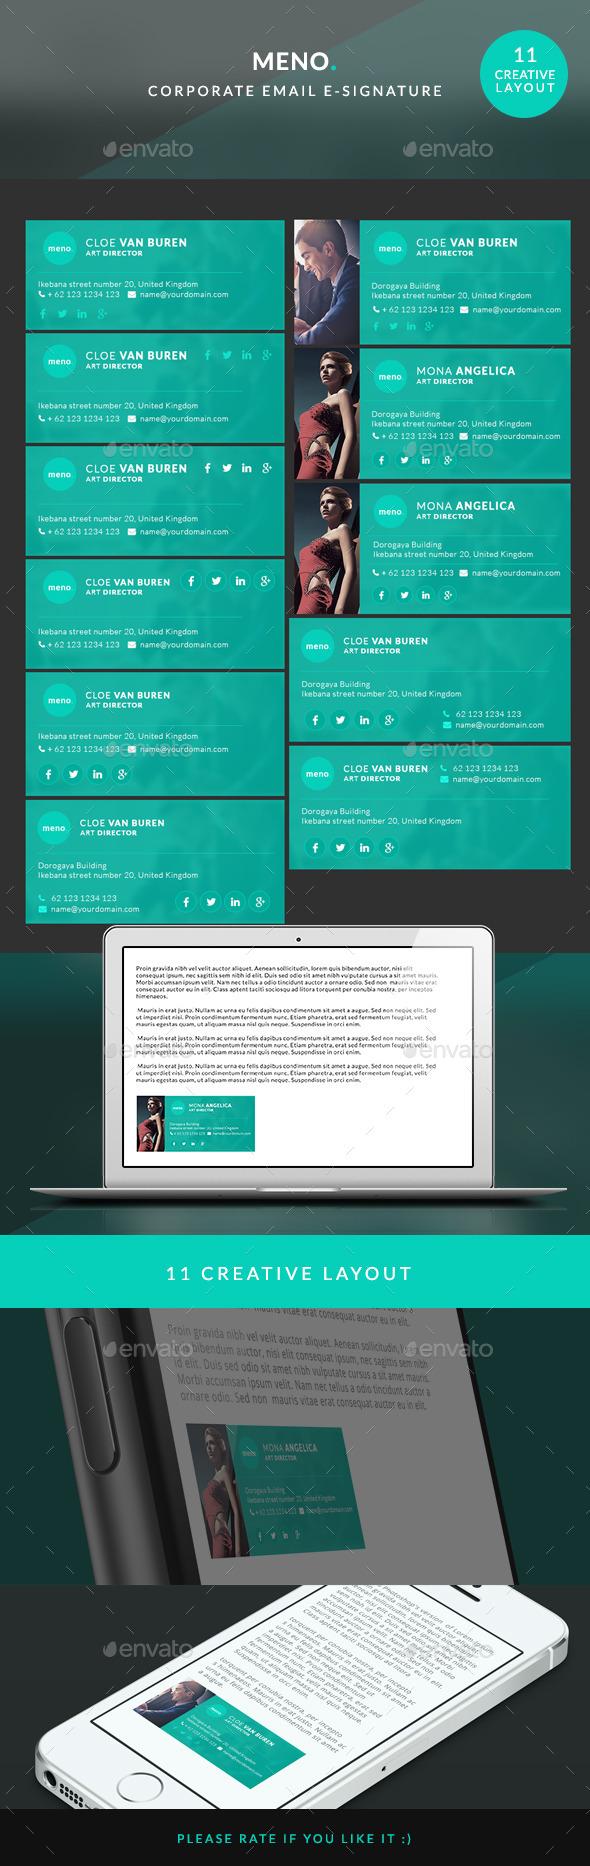 Corporate E-signature - Meno - Miscellaneous Web Elements